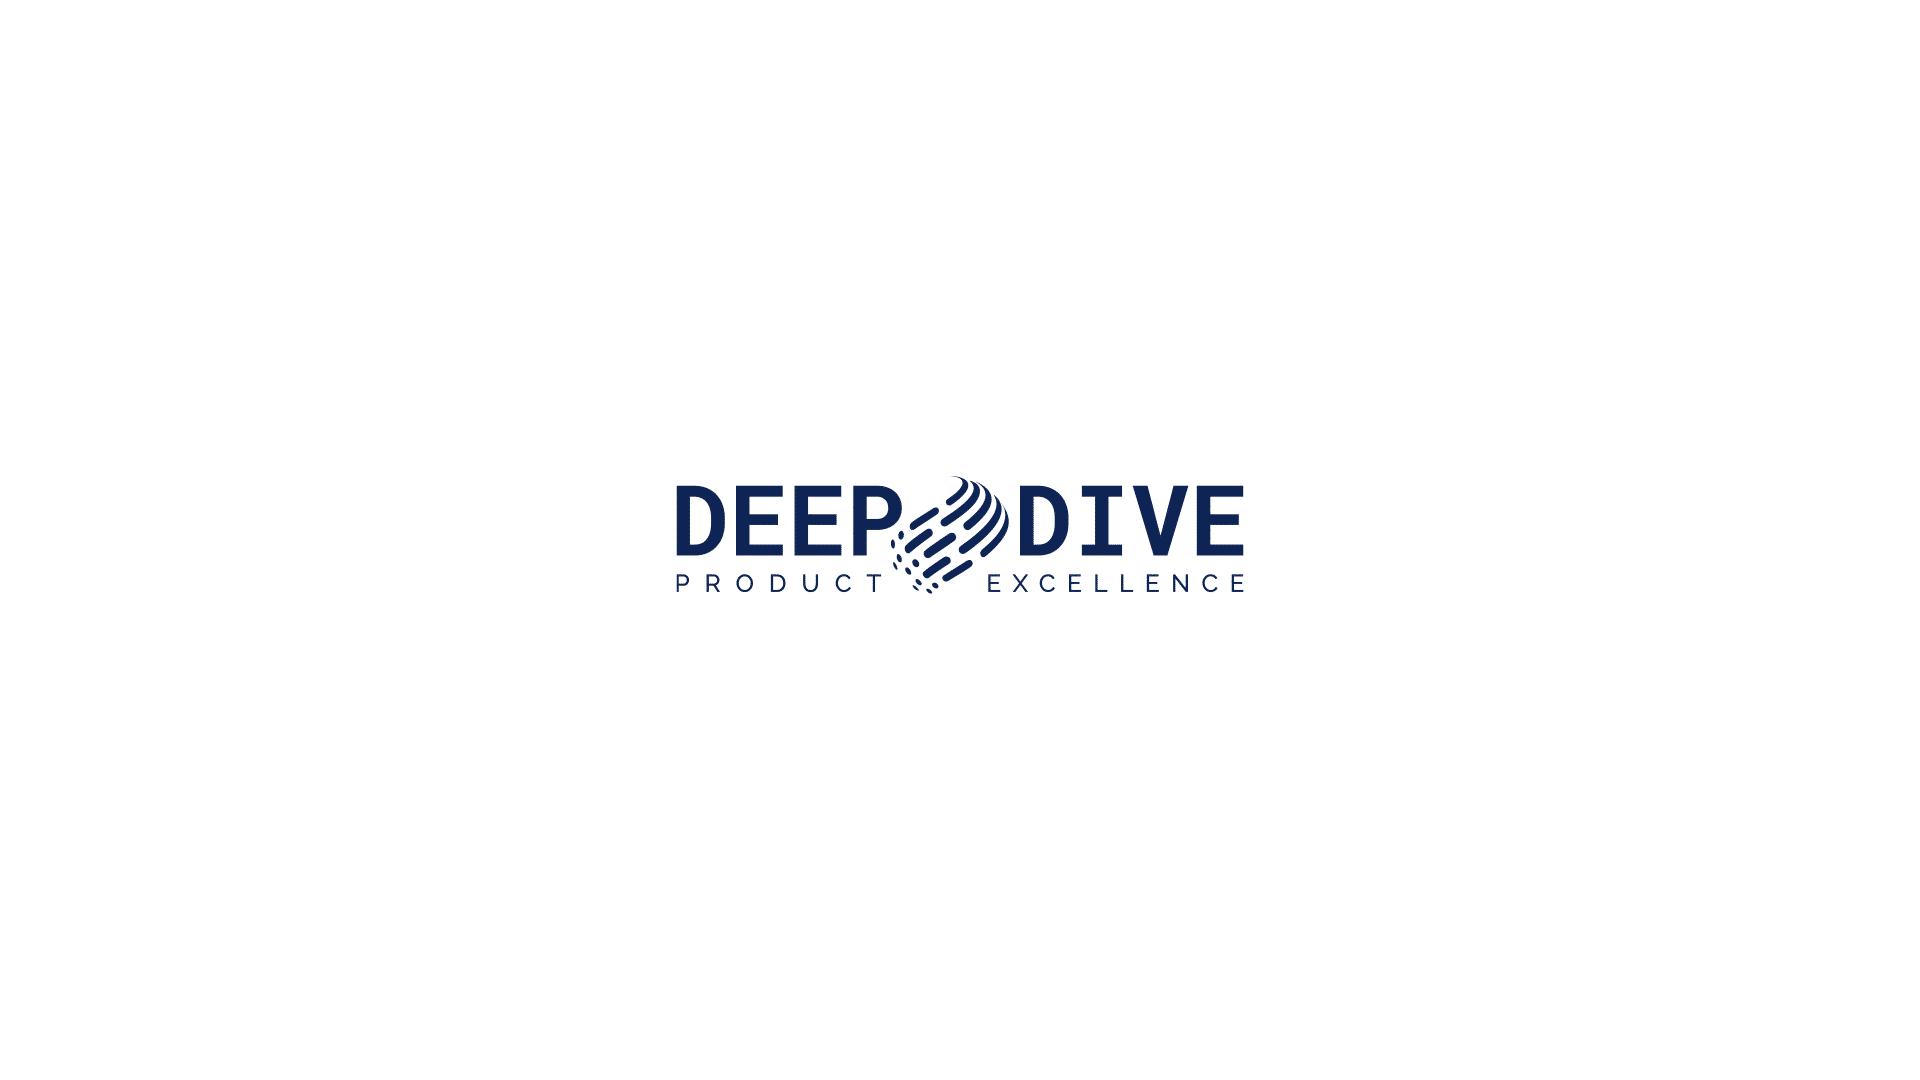 logotipo deepdive